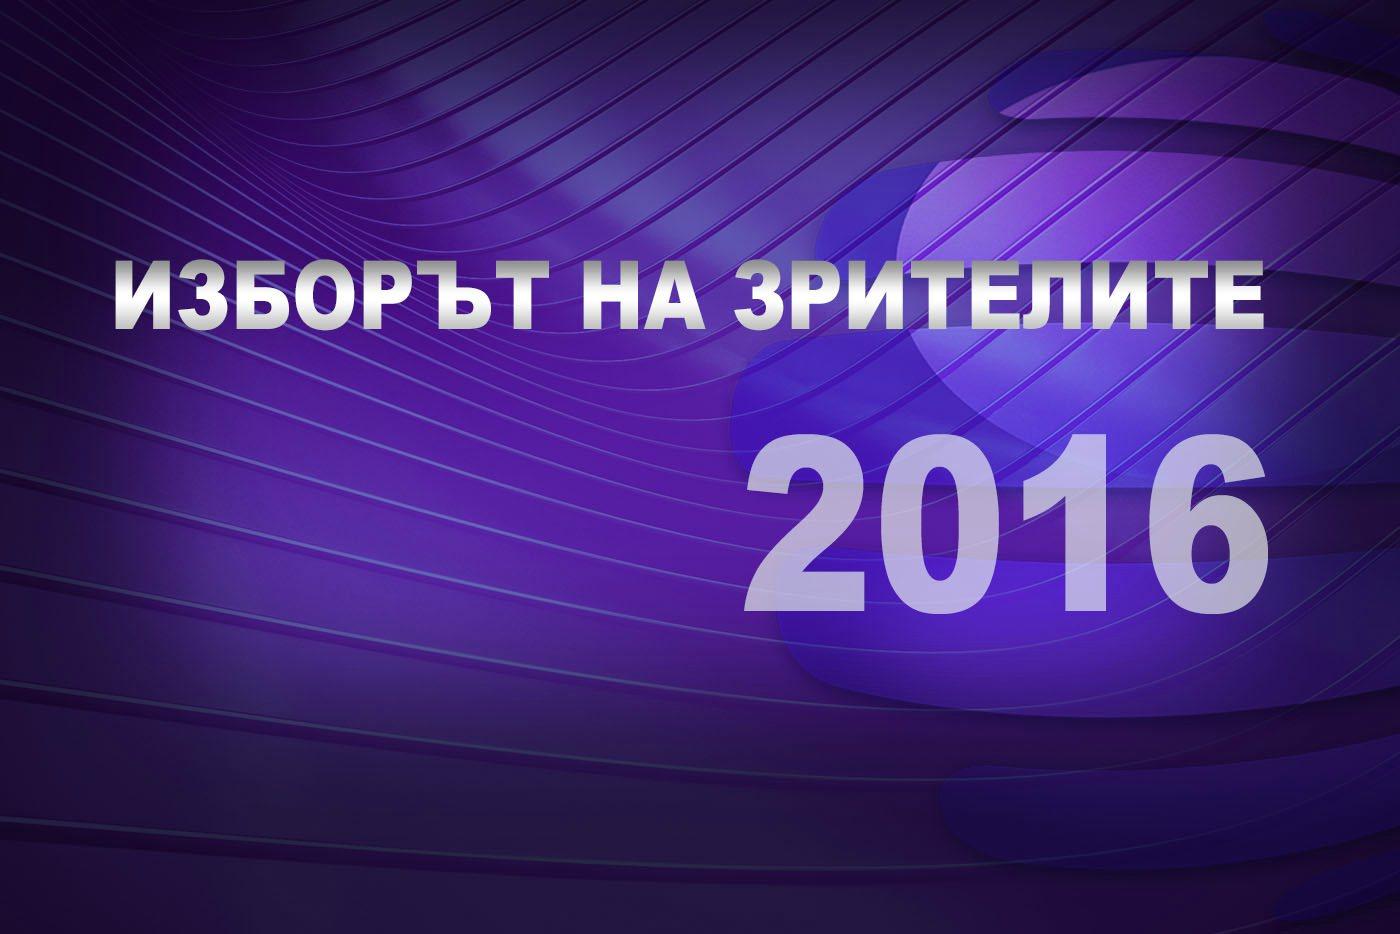 """16 000 за по-малко от 48 часа дадоха своя вот в """"Изборът на зрителите - 2016"""""""